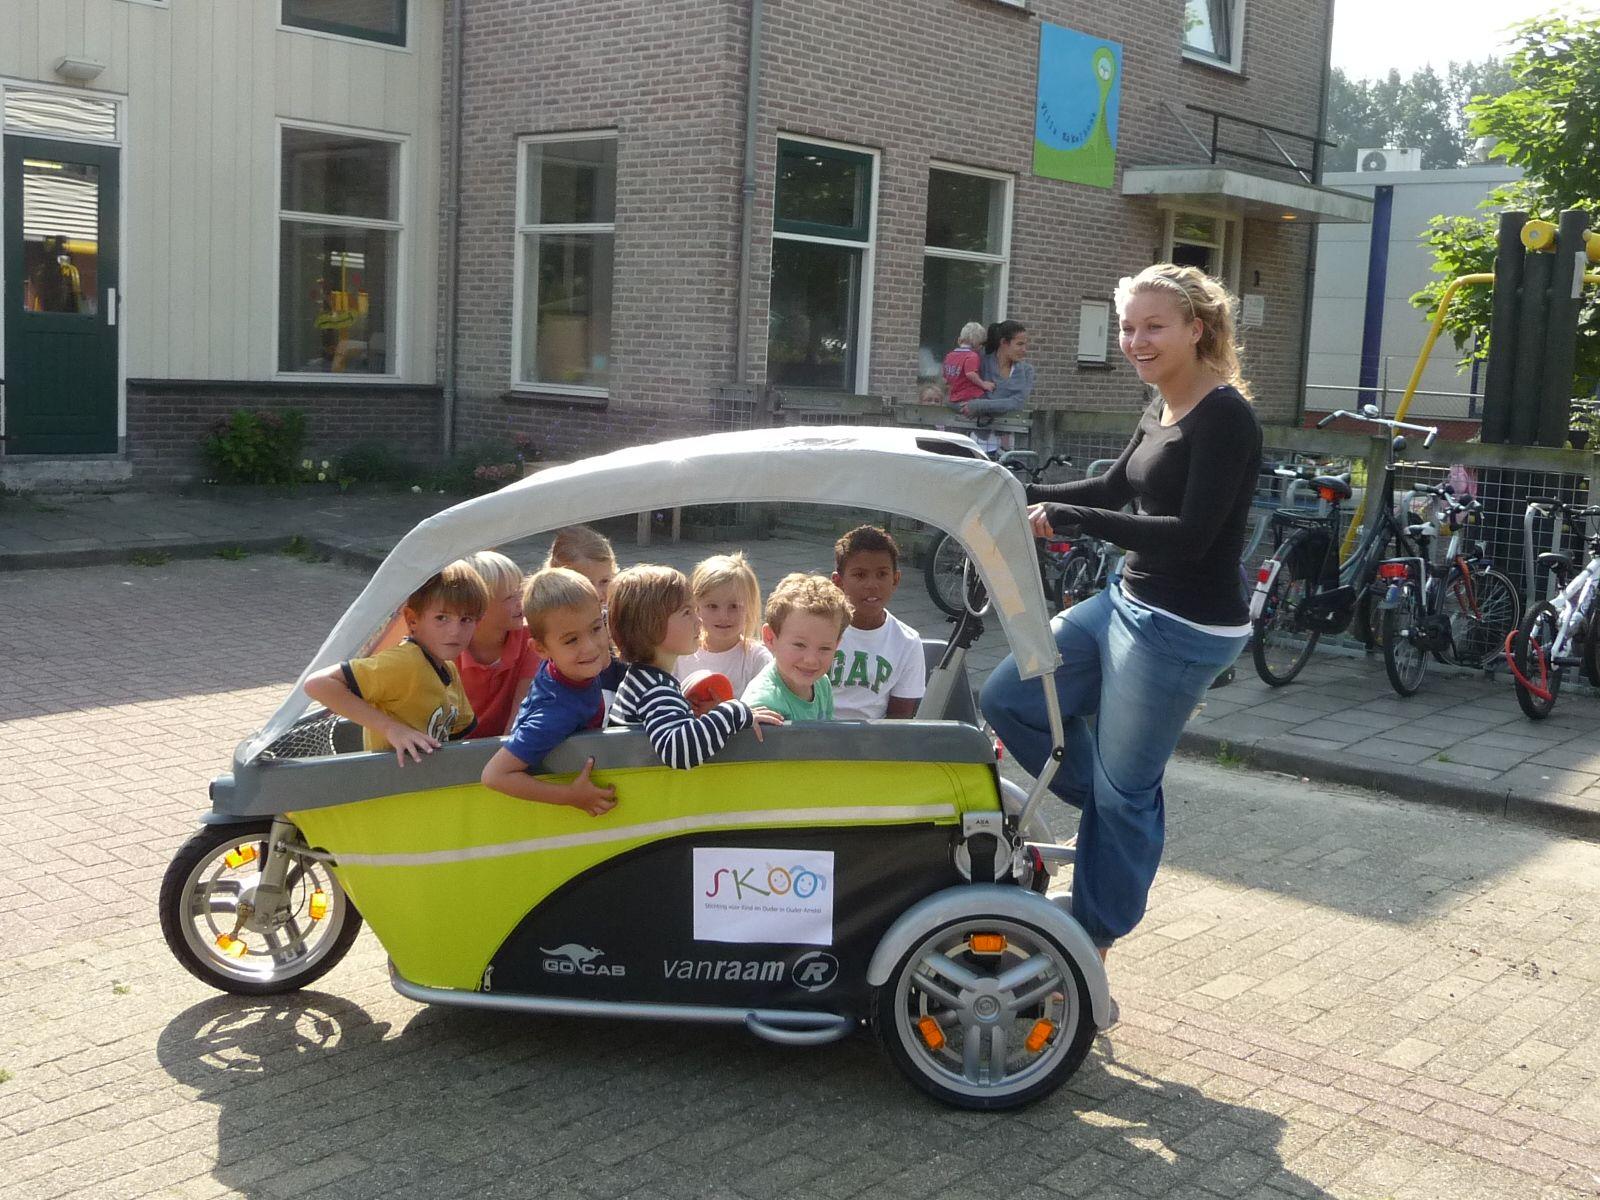 plus de 9000 euros pour ce triporteur 8 places enfants fietstaxi le prix d 39 une. Black Bedroom Furniture Sets. Home Design Ideas